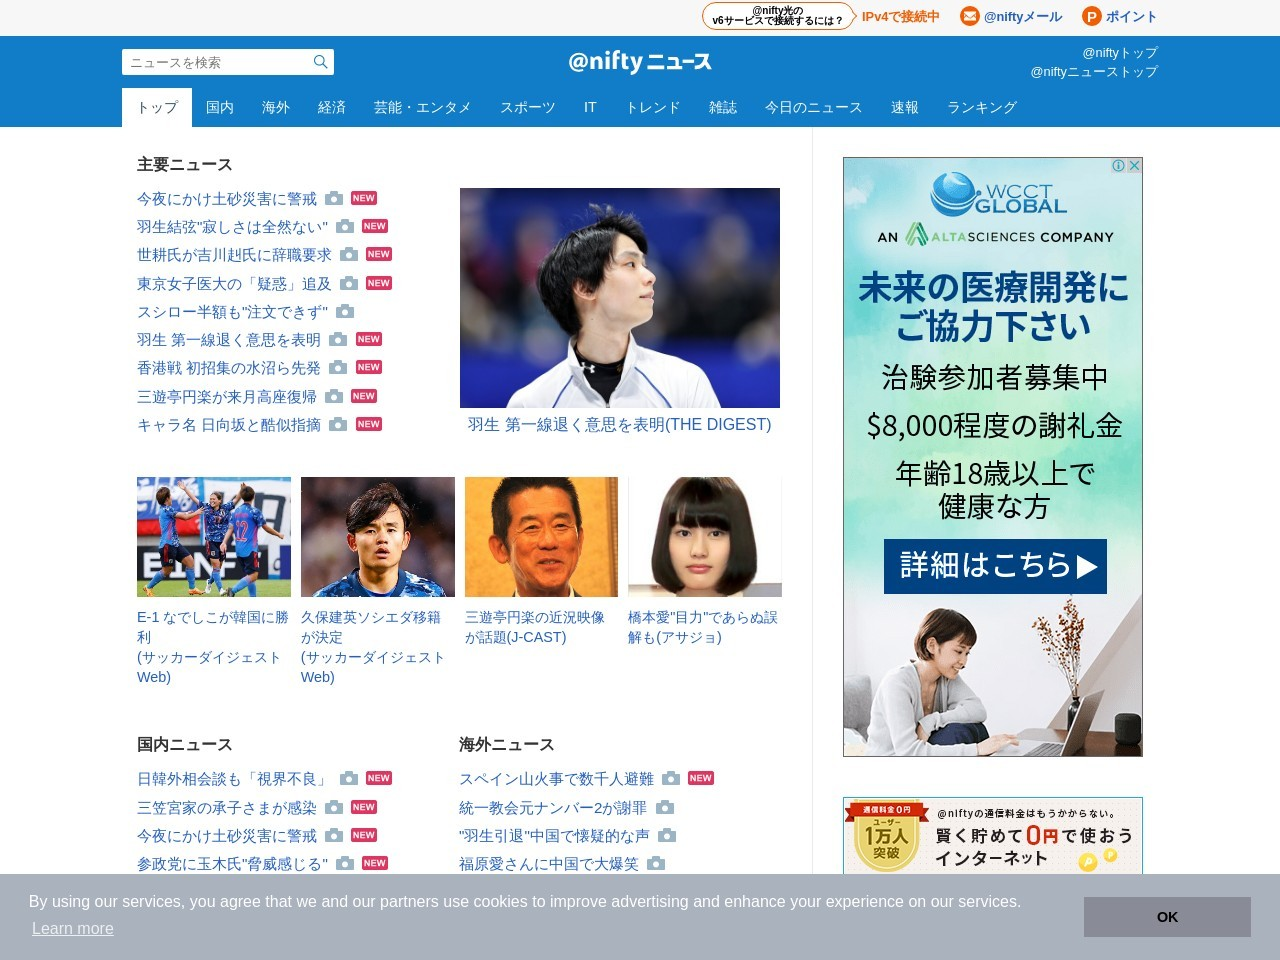 Sexy Zone中島健人が雑誌「ViVi」で恋愛プロット綴る 「タイプ」や「理想」など告白